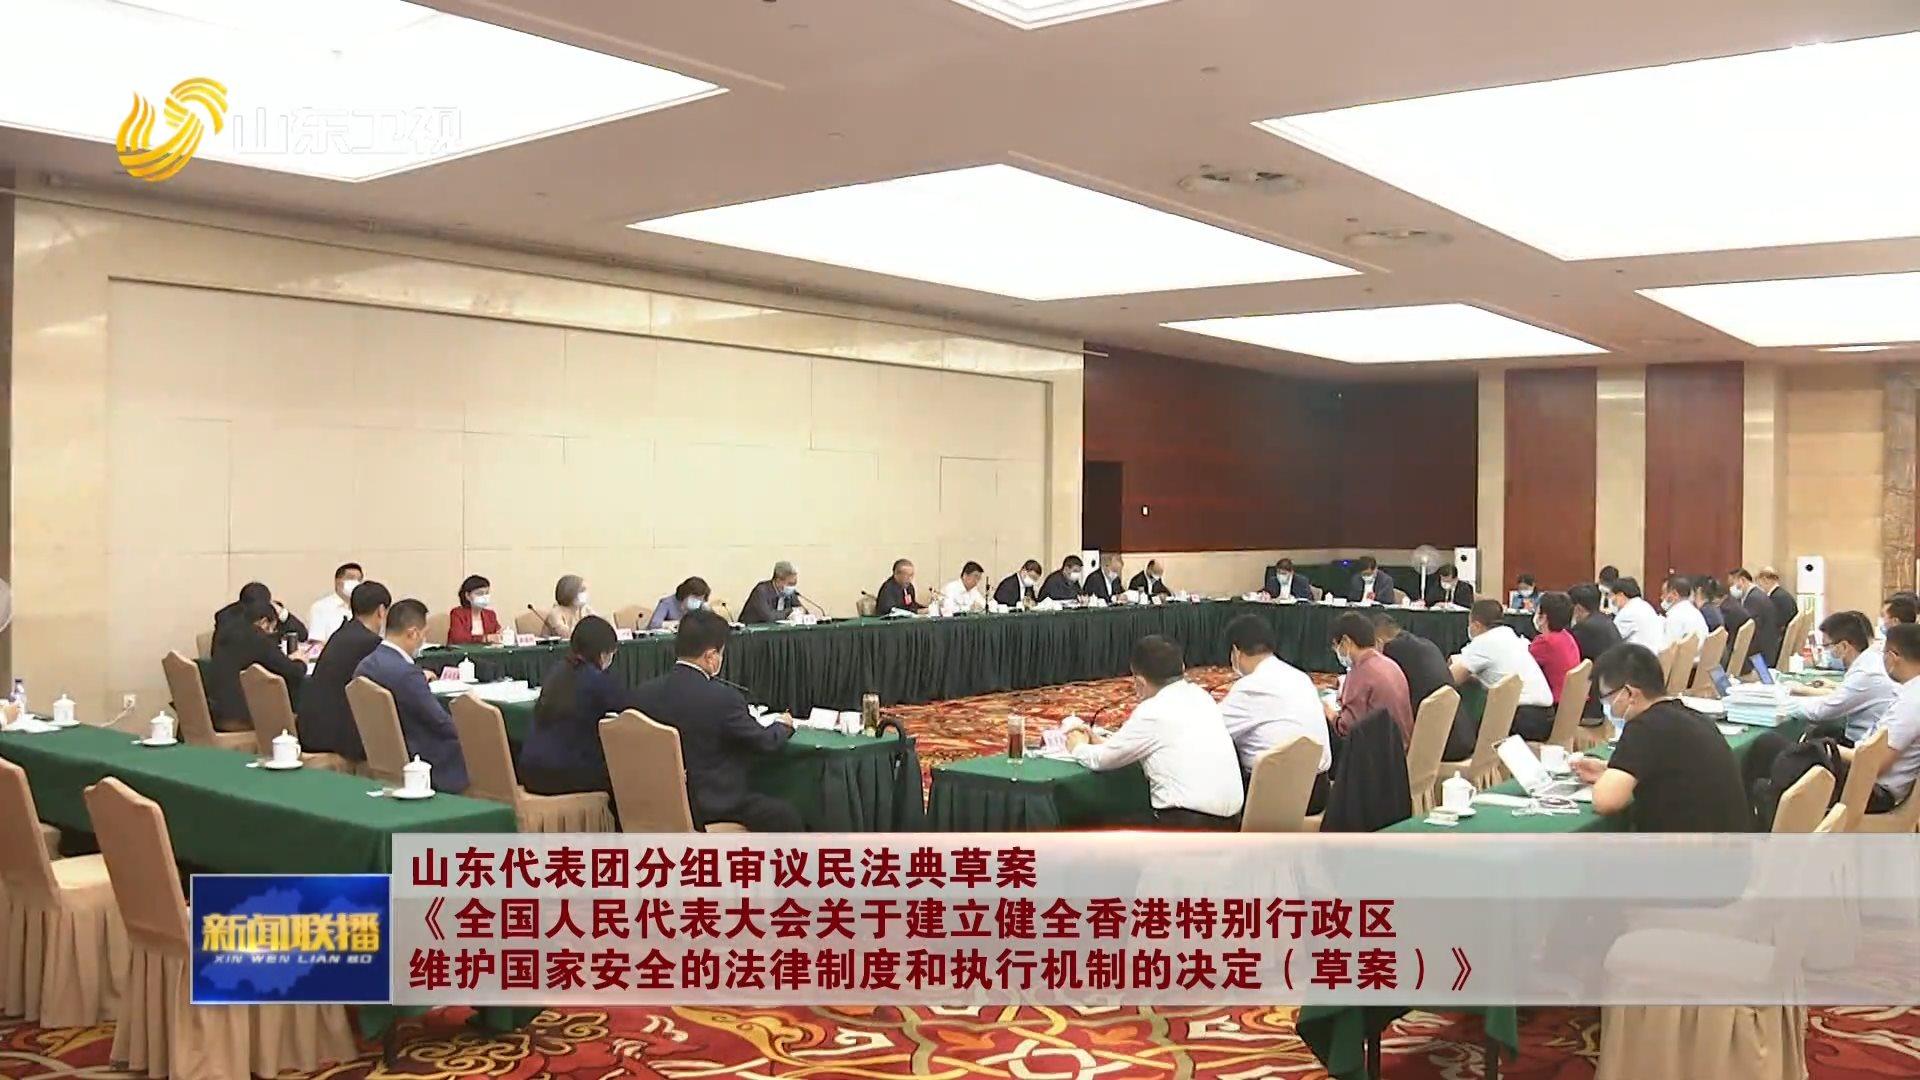 山东代表团分组审议民法典草案 《全国人民代表大会关于建立健全香港特别行政区维护国家安全的法律制度和执行机制的决定(草案)》